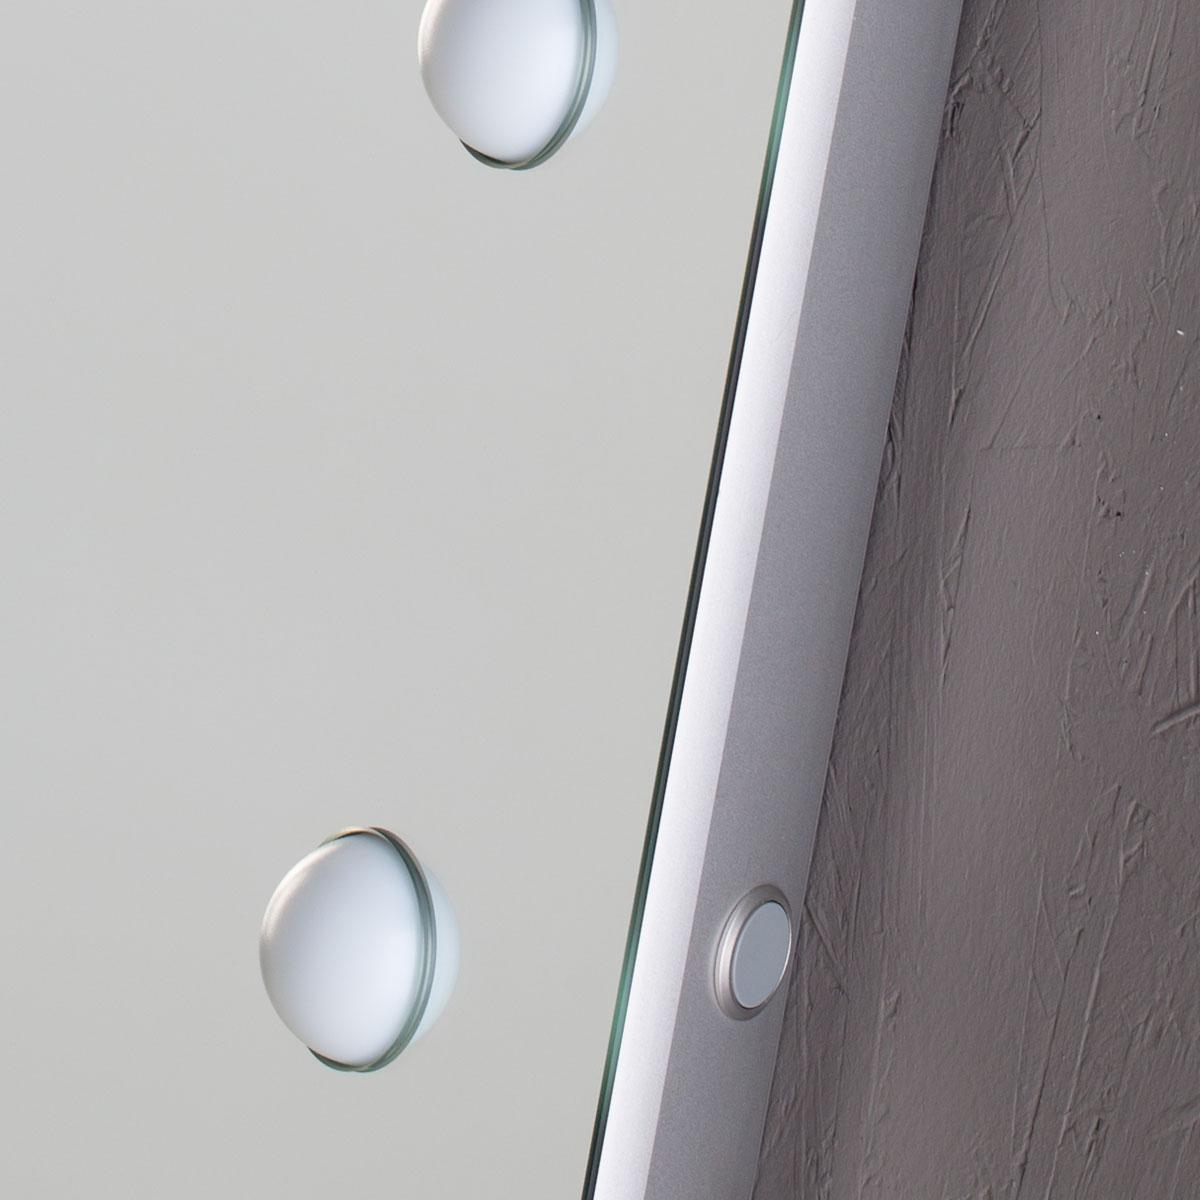 Specchio MH05 - dettaglio